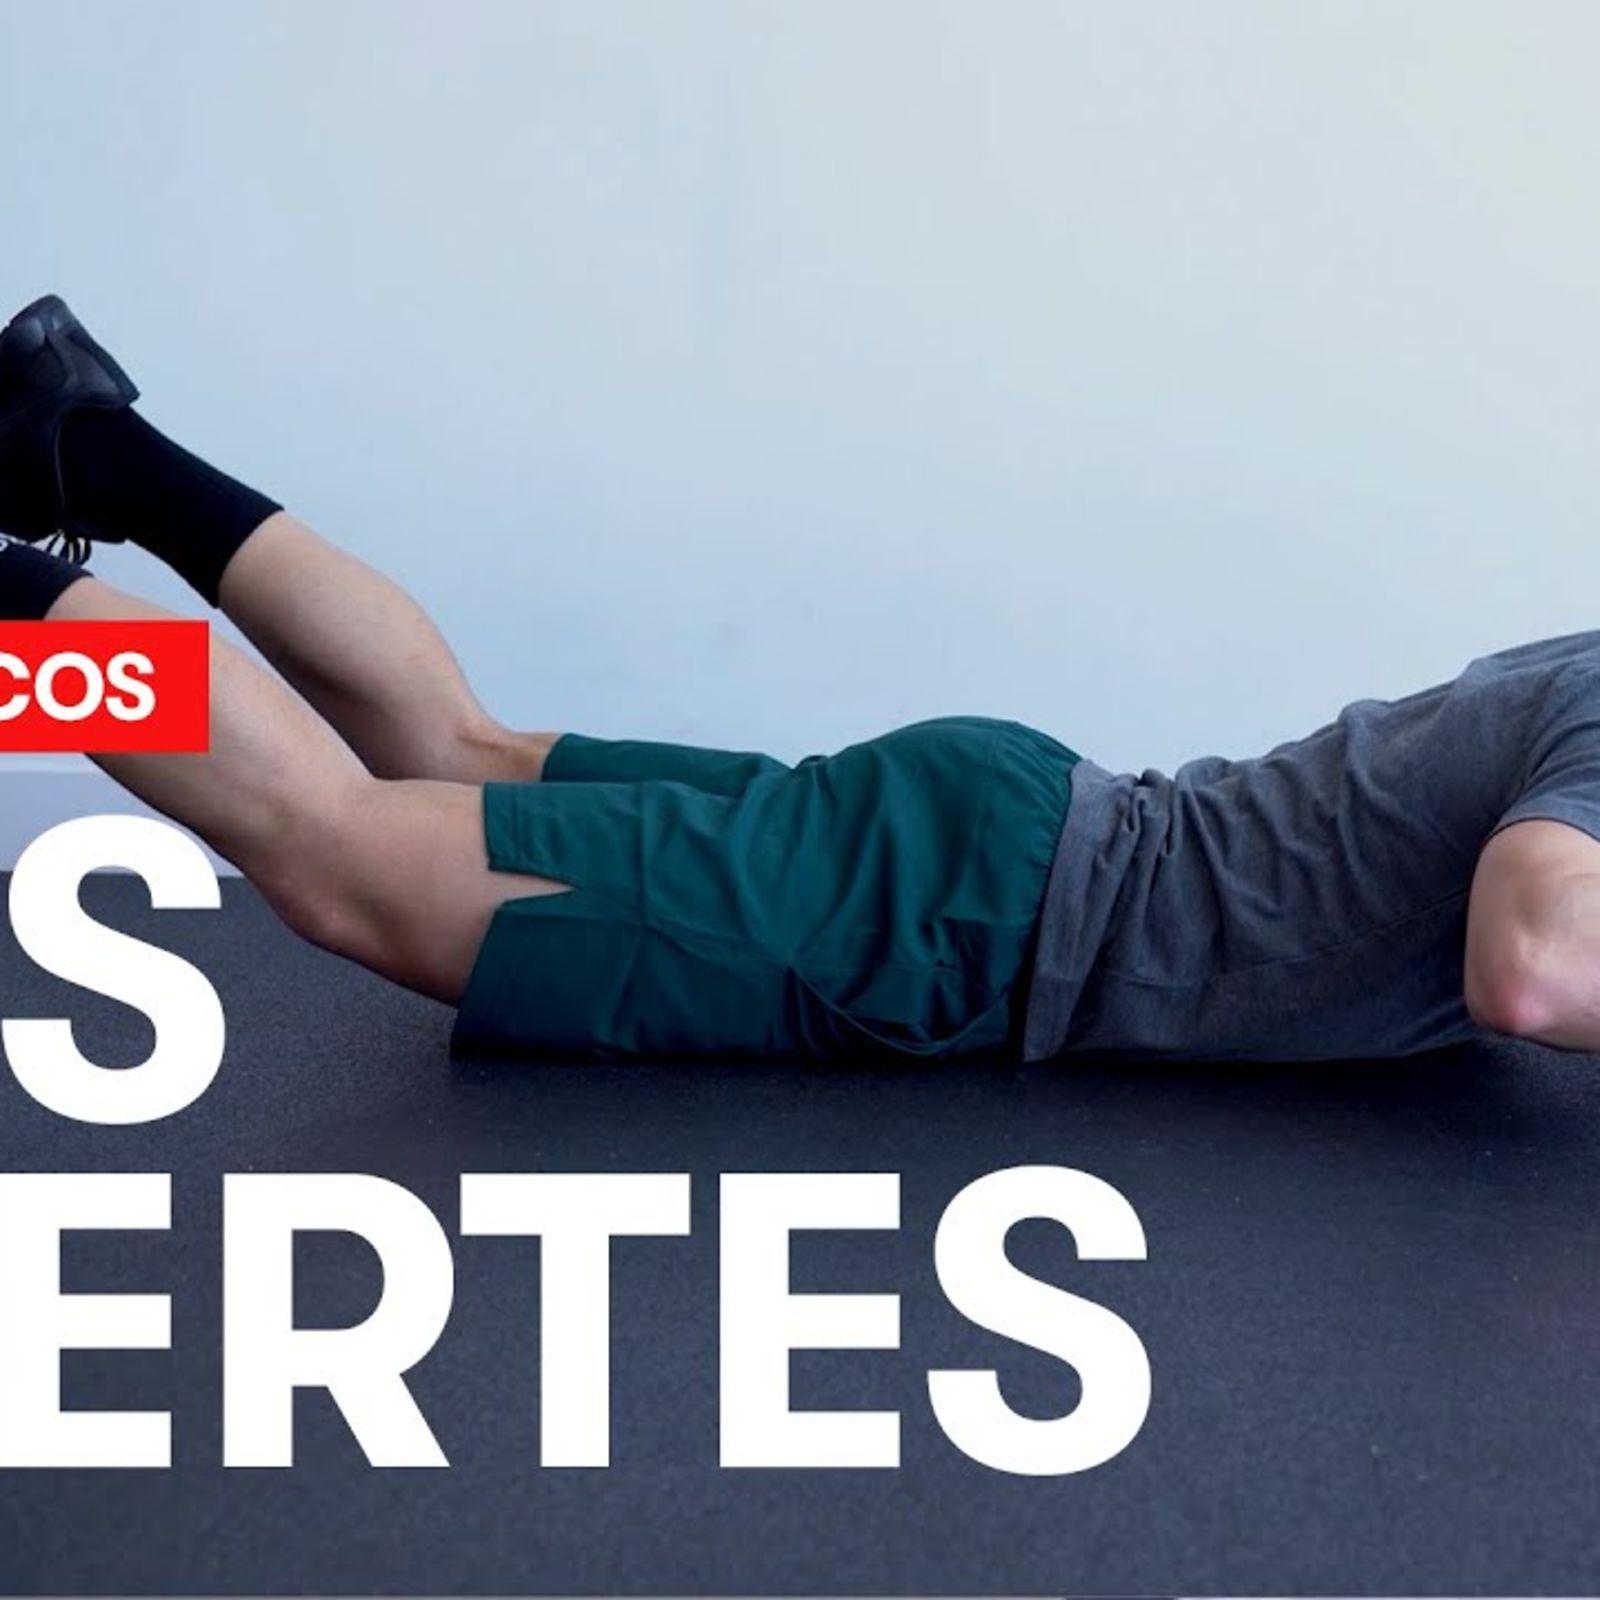 10 ejercicios para unos abdominales fuertes | Musculocos